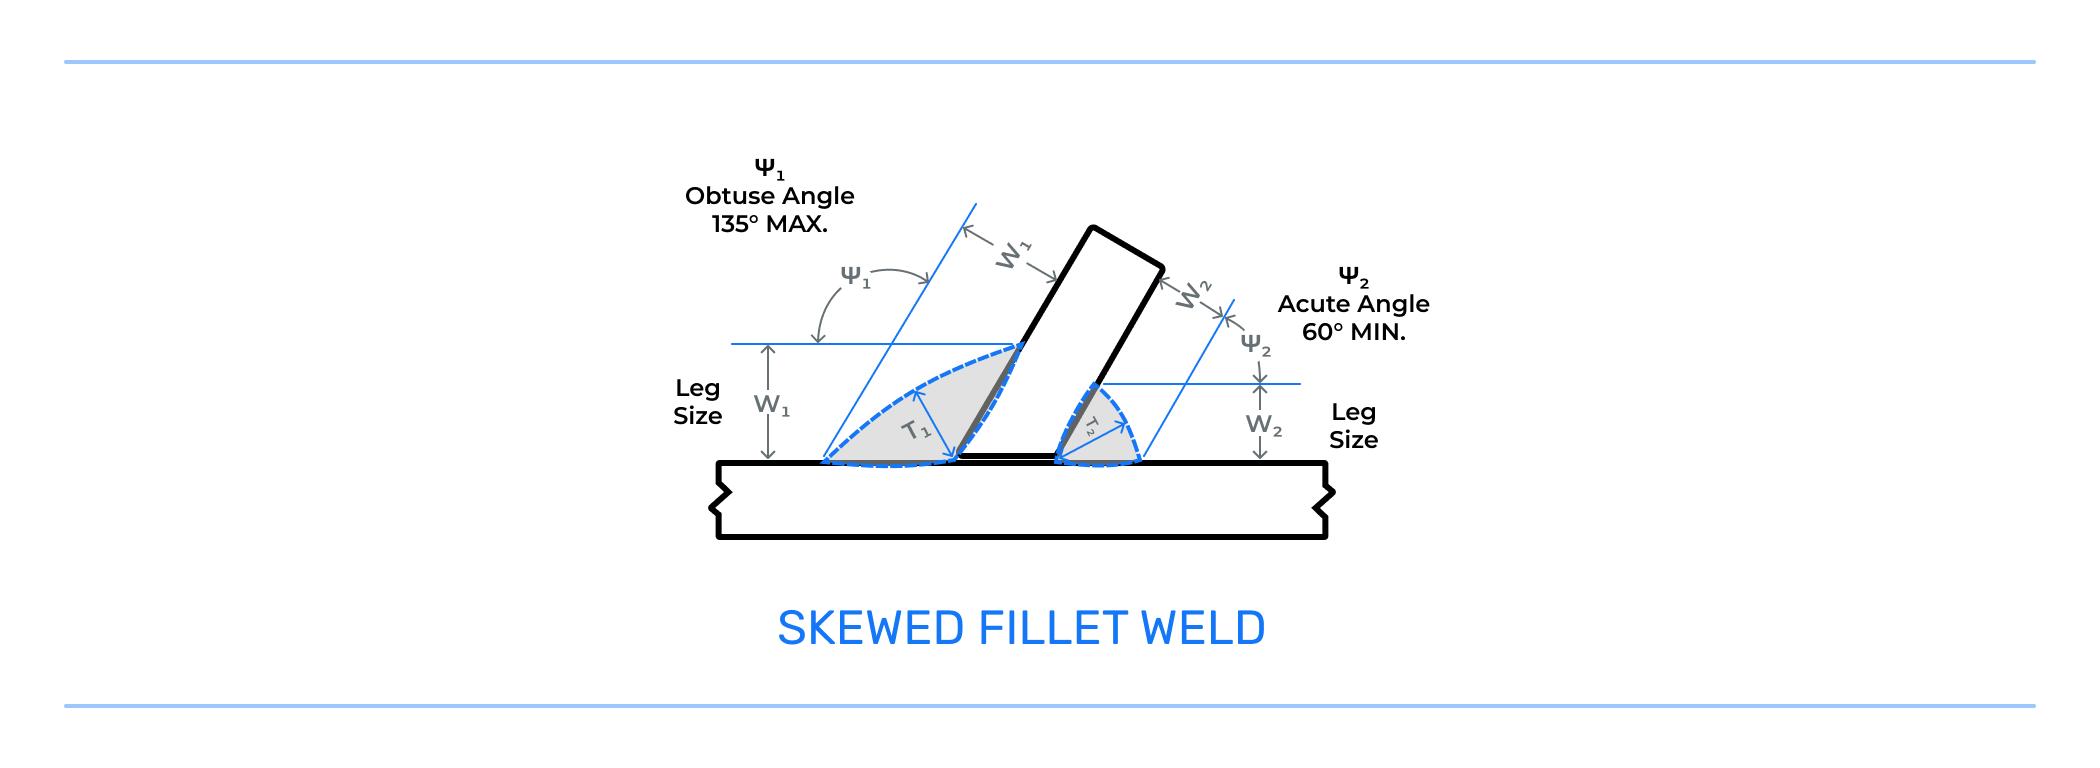 Skewed Fillet Weld